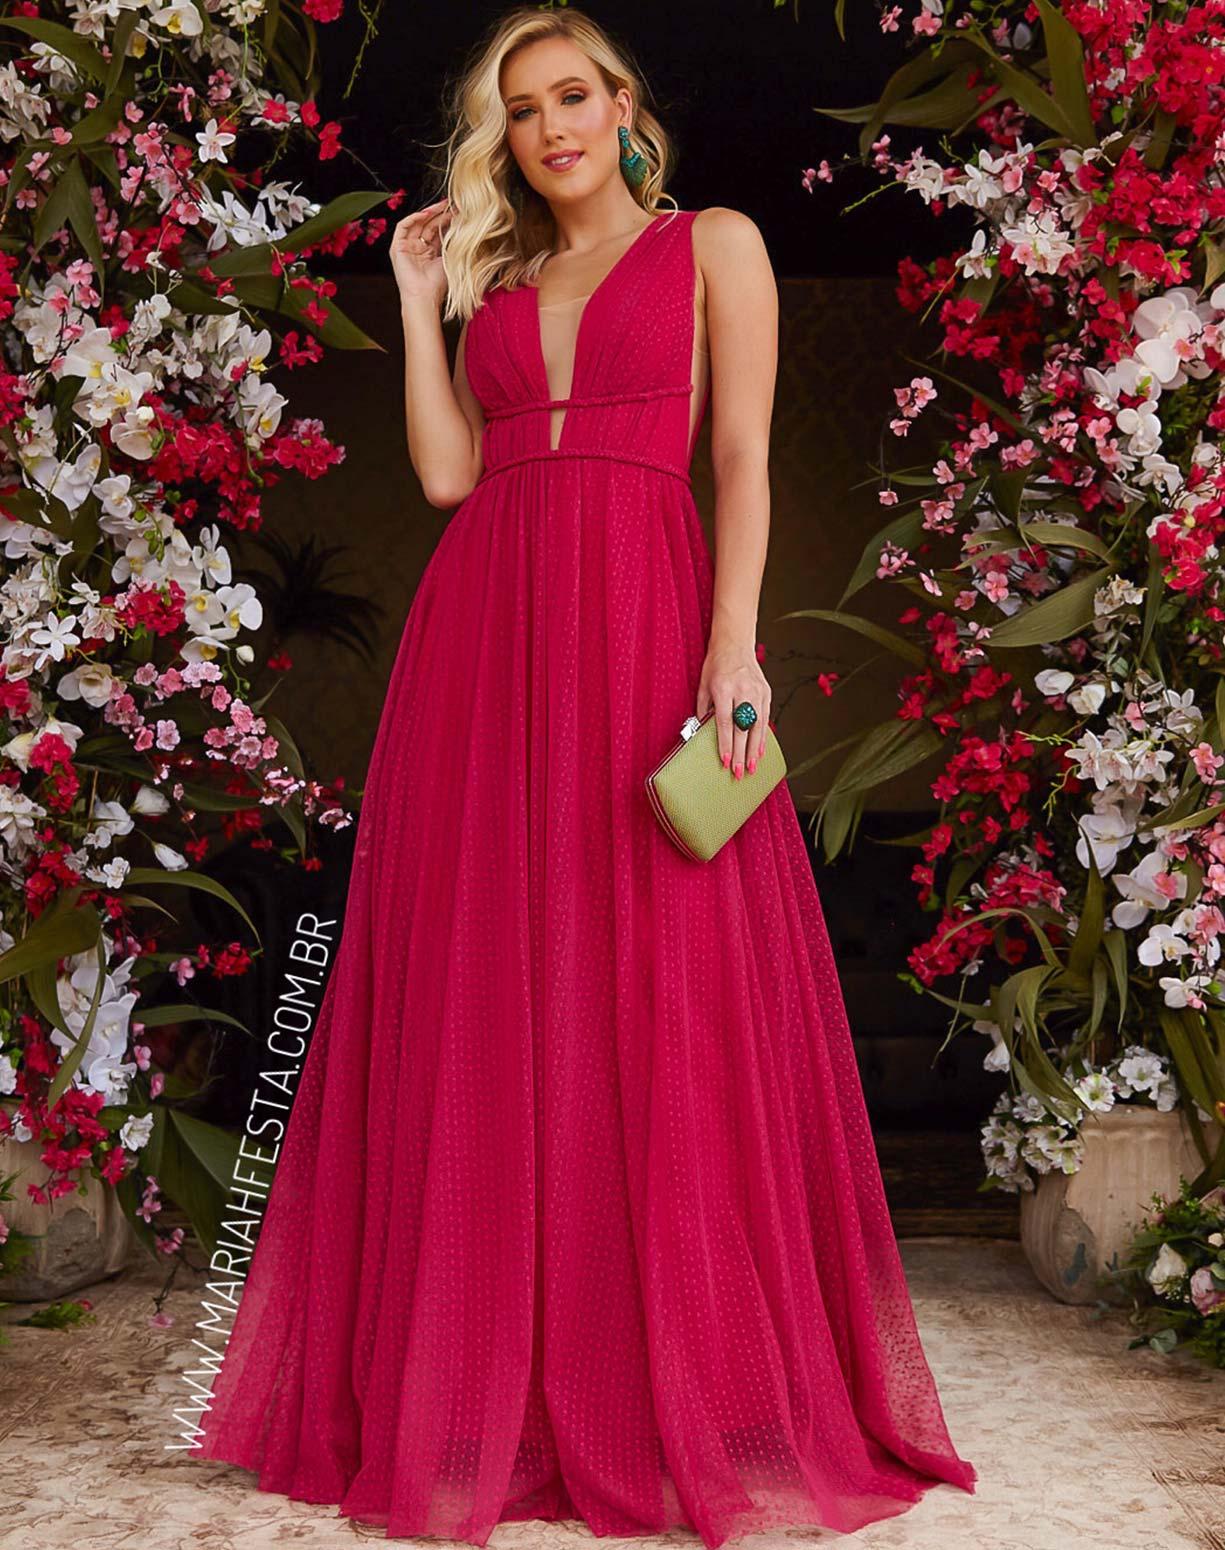 Vestido Rosa Pink em Tule Texturizado com Saia Evasê